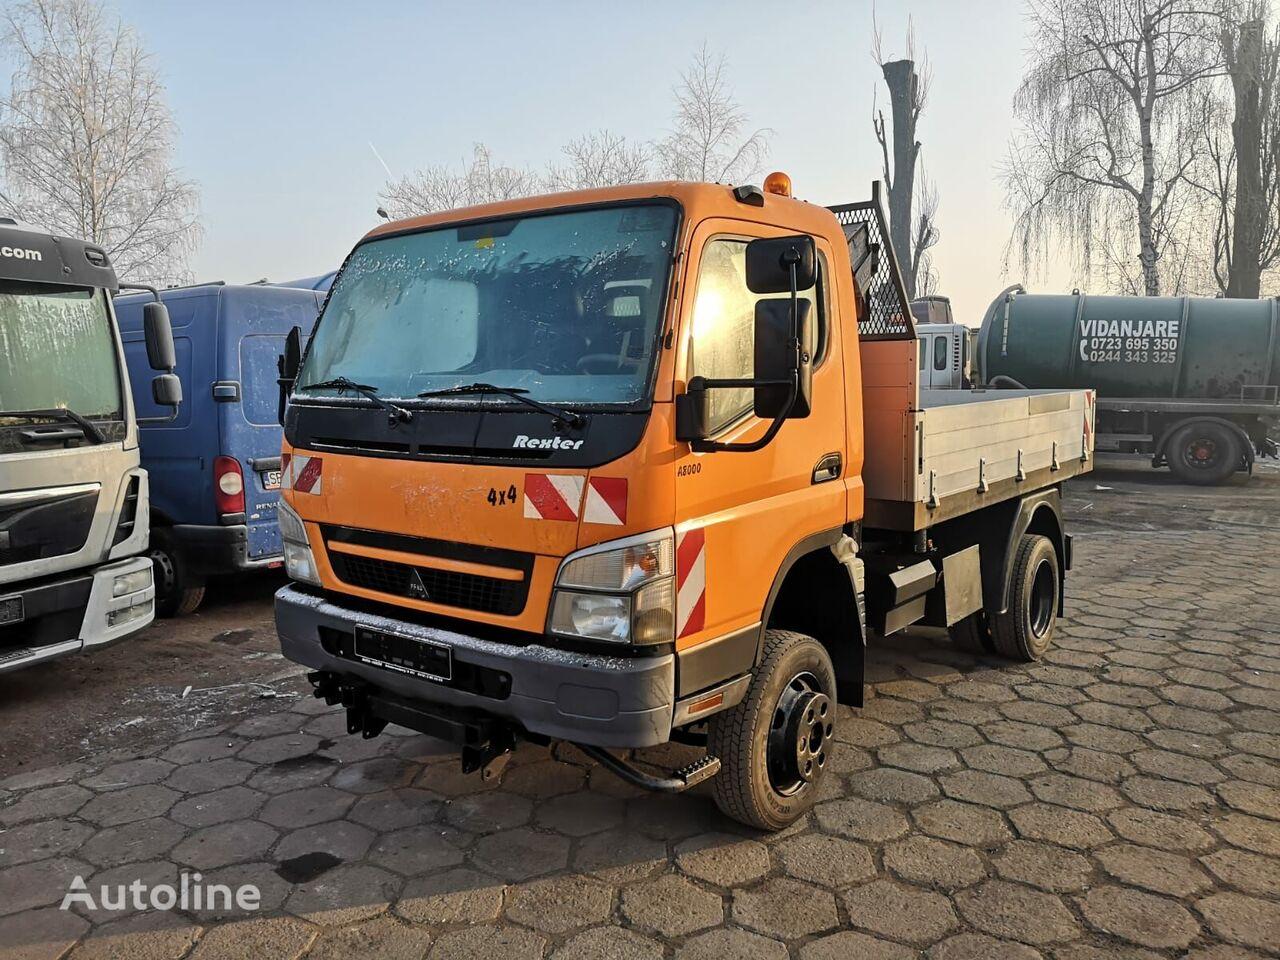 MITSUBISHI 4x4 dump truck